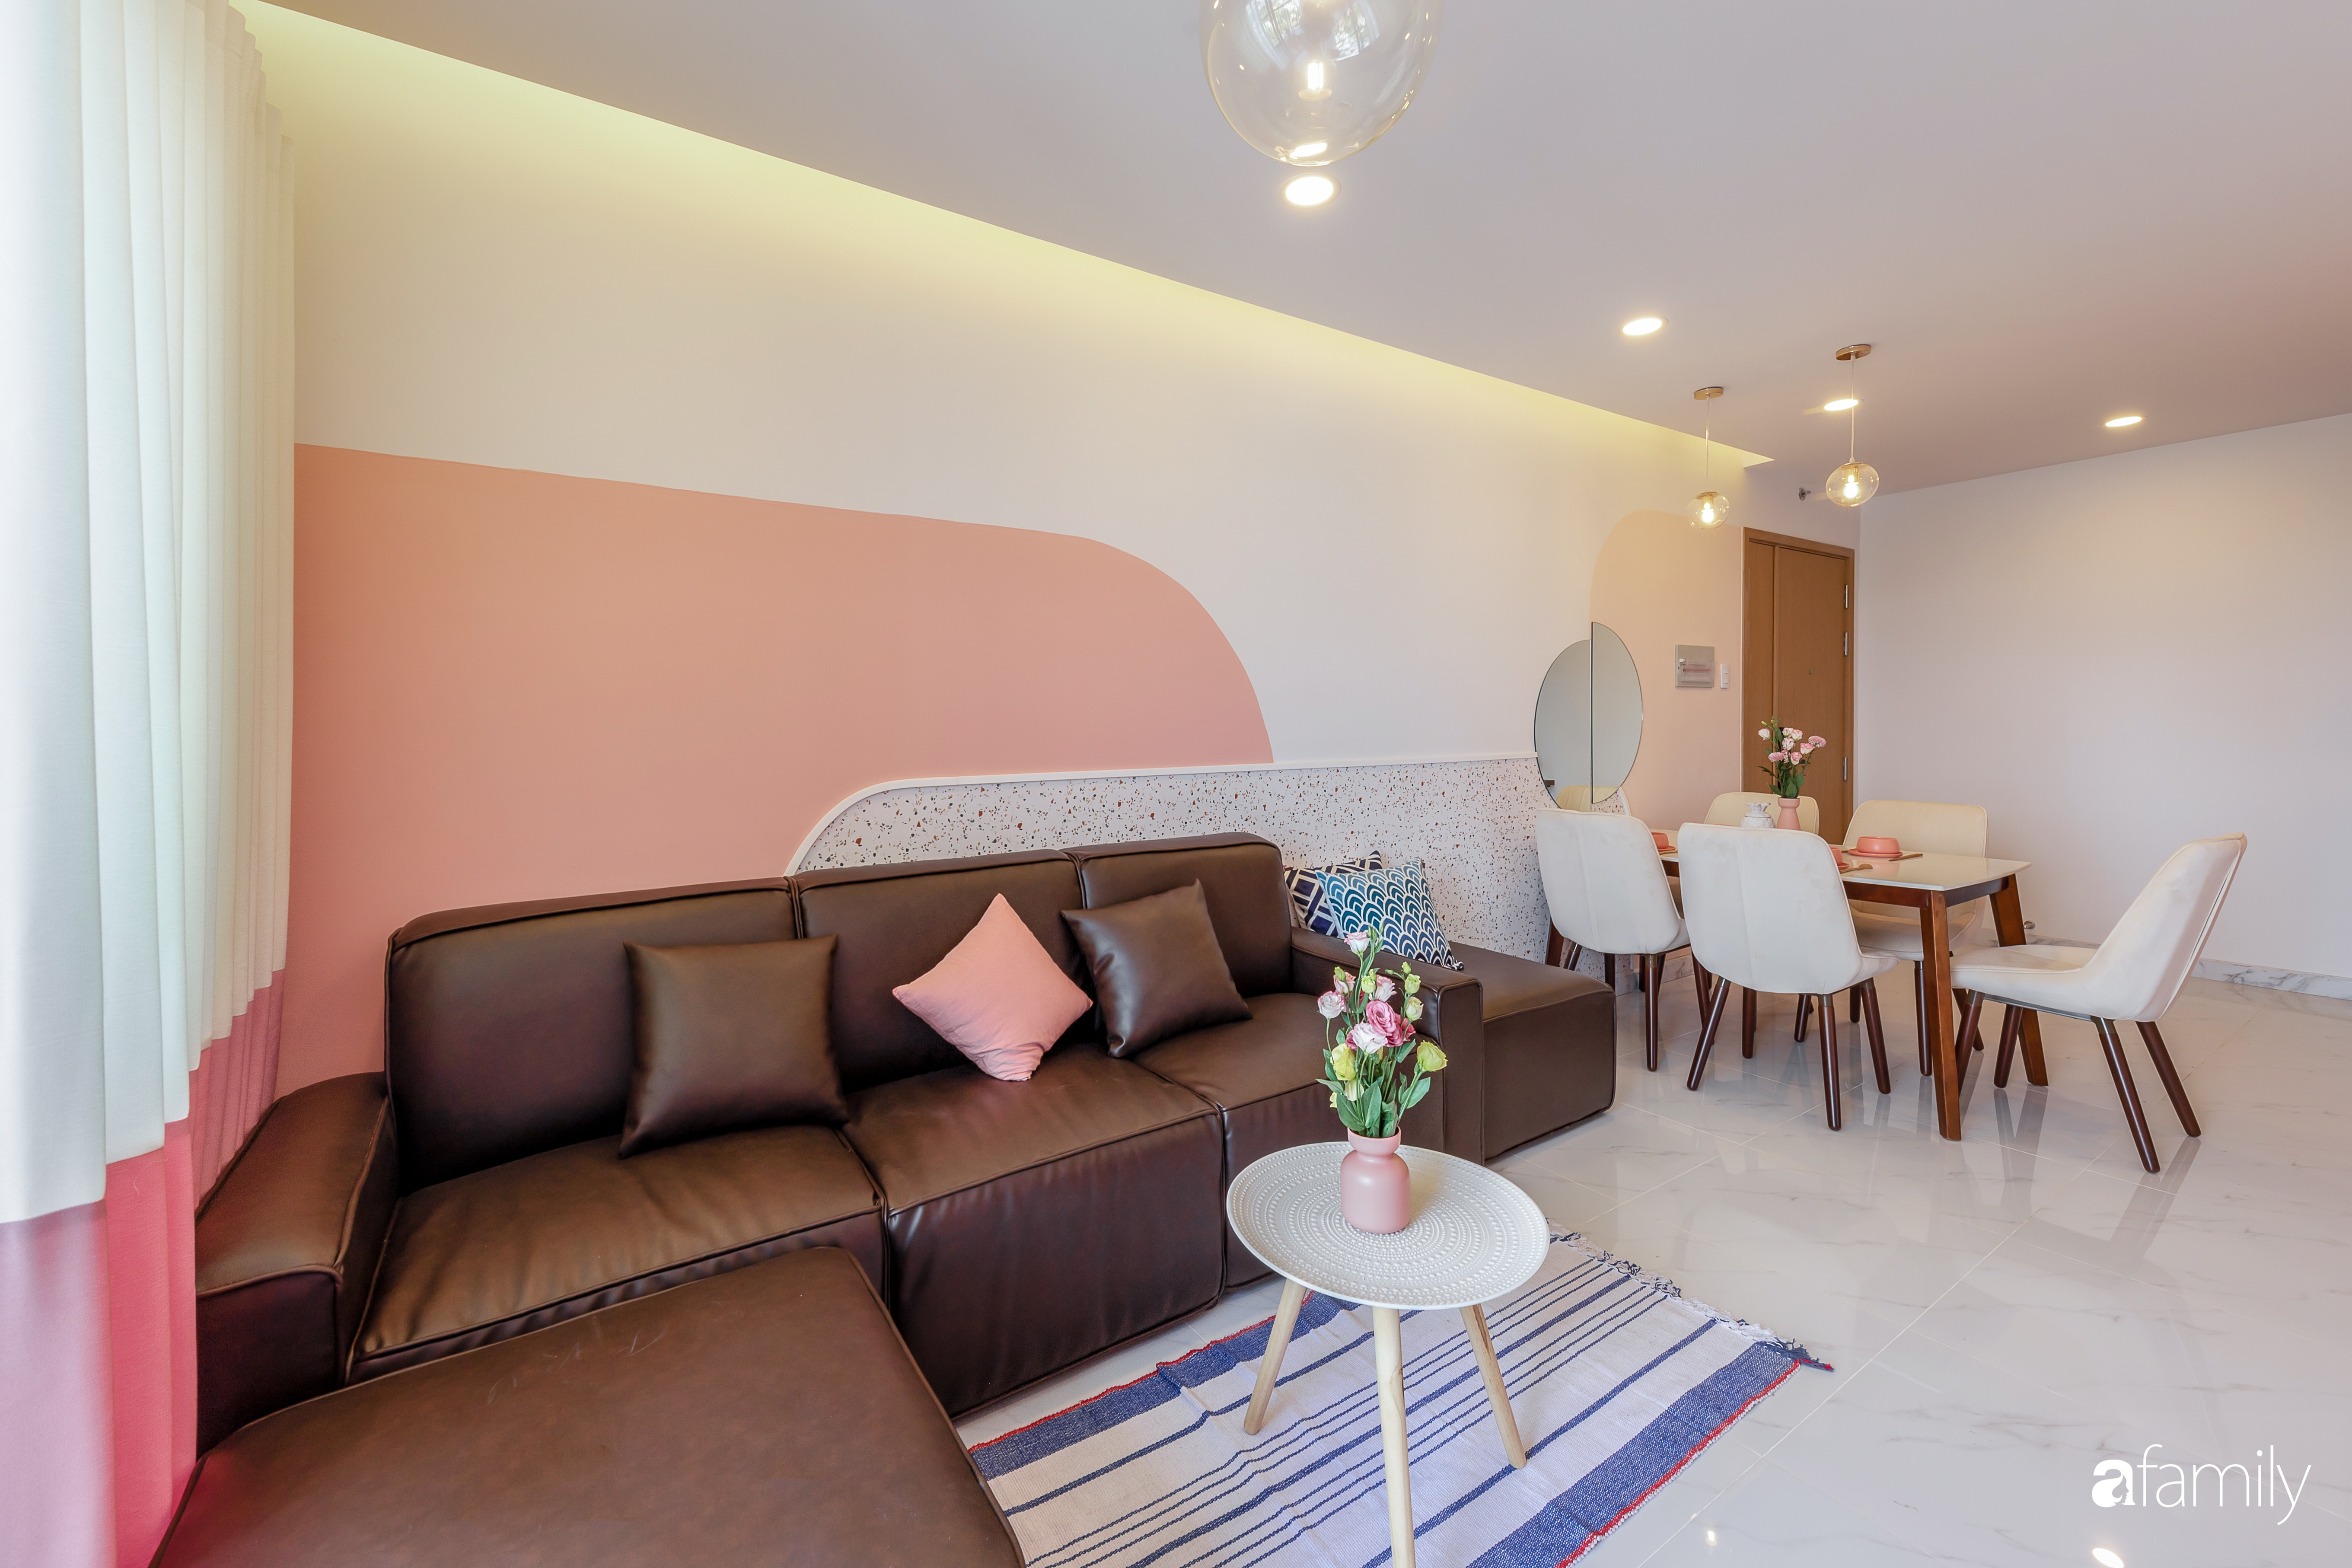 Căn hộ 100m² ngọt ngào khi chọn sắc hồng làm màu chủ đạo có chi phí hoàn thiện 450 triệu đồng ở TP HCM - Ảnh 2.